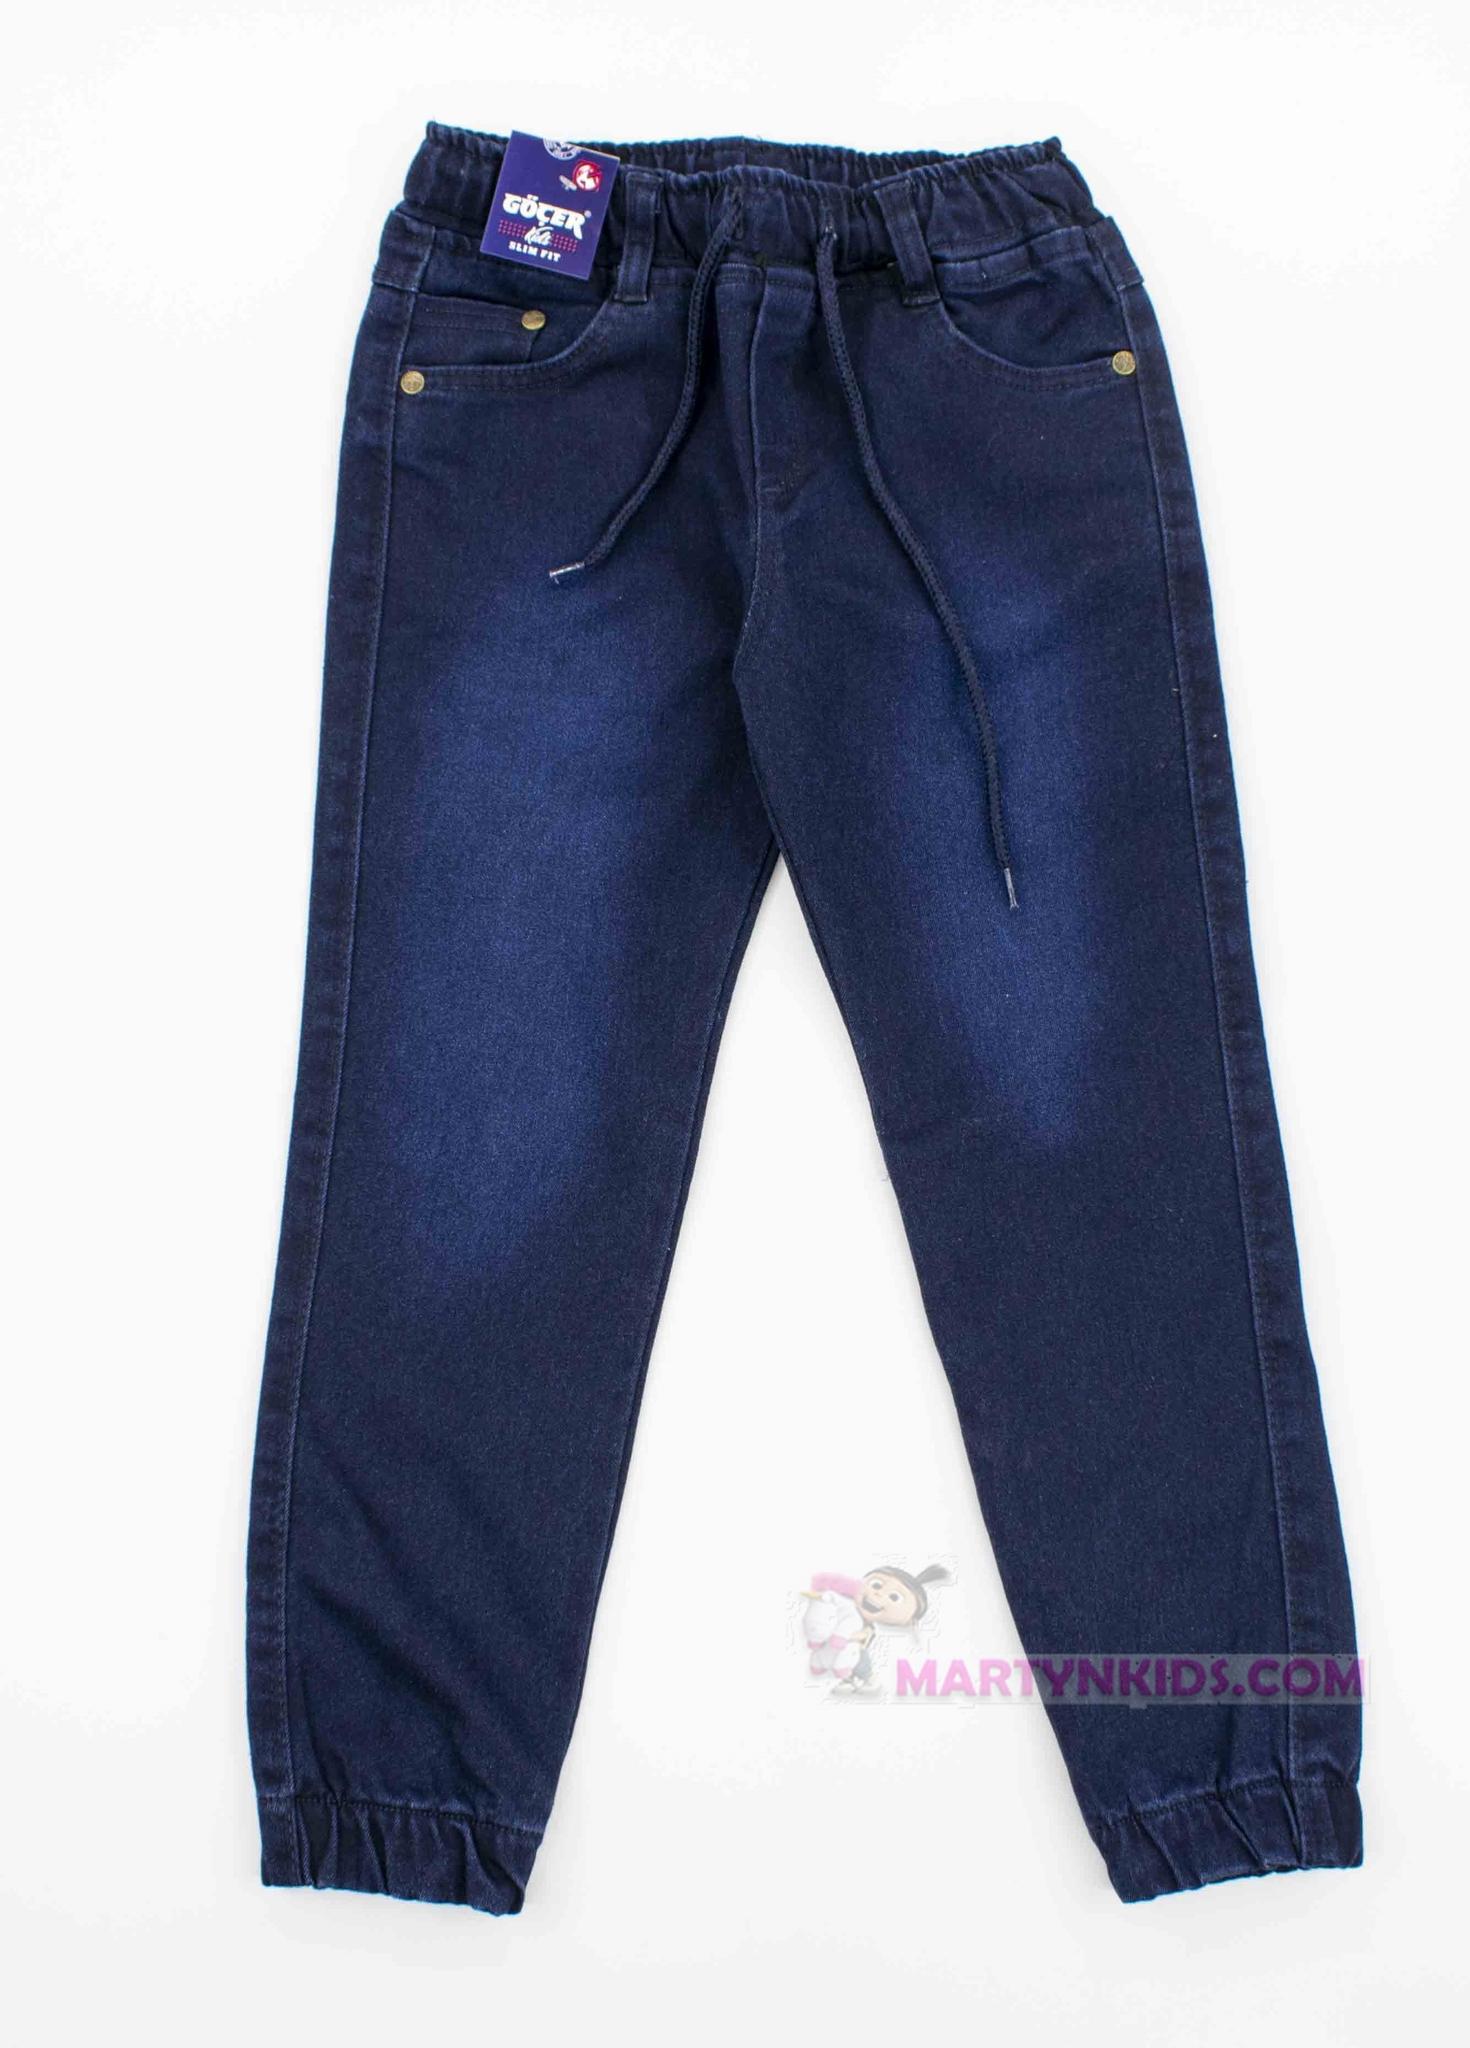 3889 джинсы на резинке флис GOCER